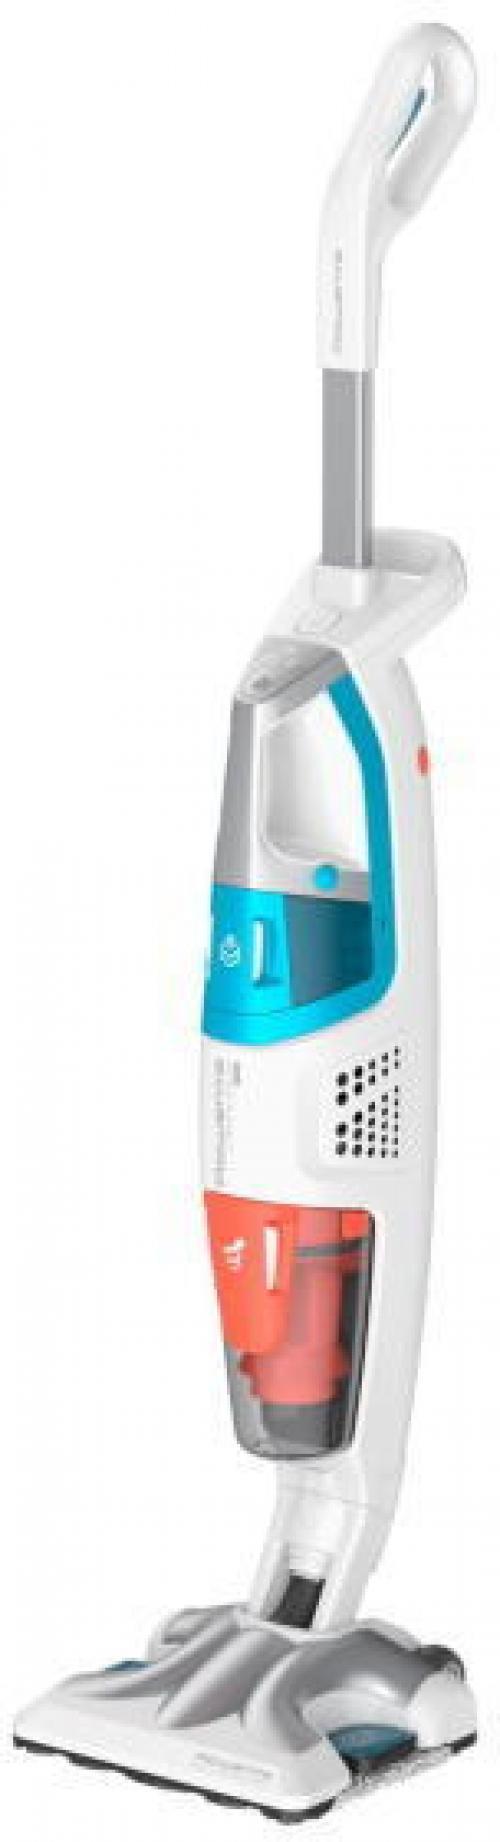 Rowenta RY8544WH Clean&Steam Multi álló porszívó | DigitalPlaza.hu